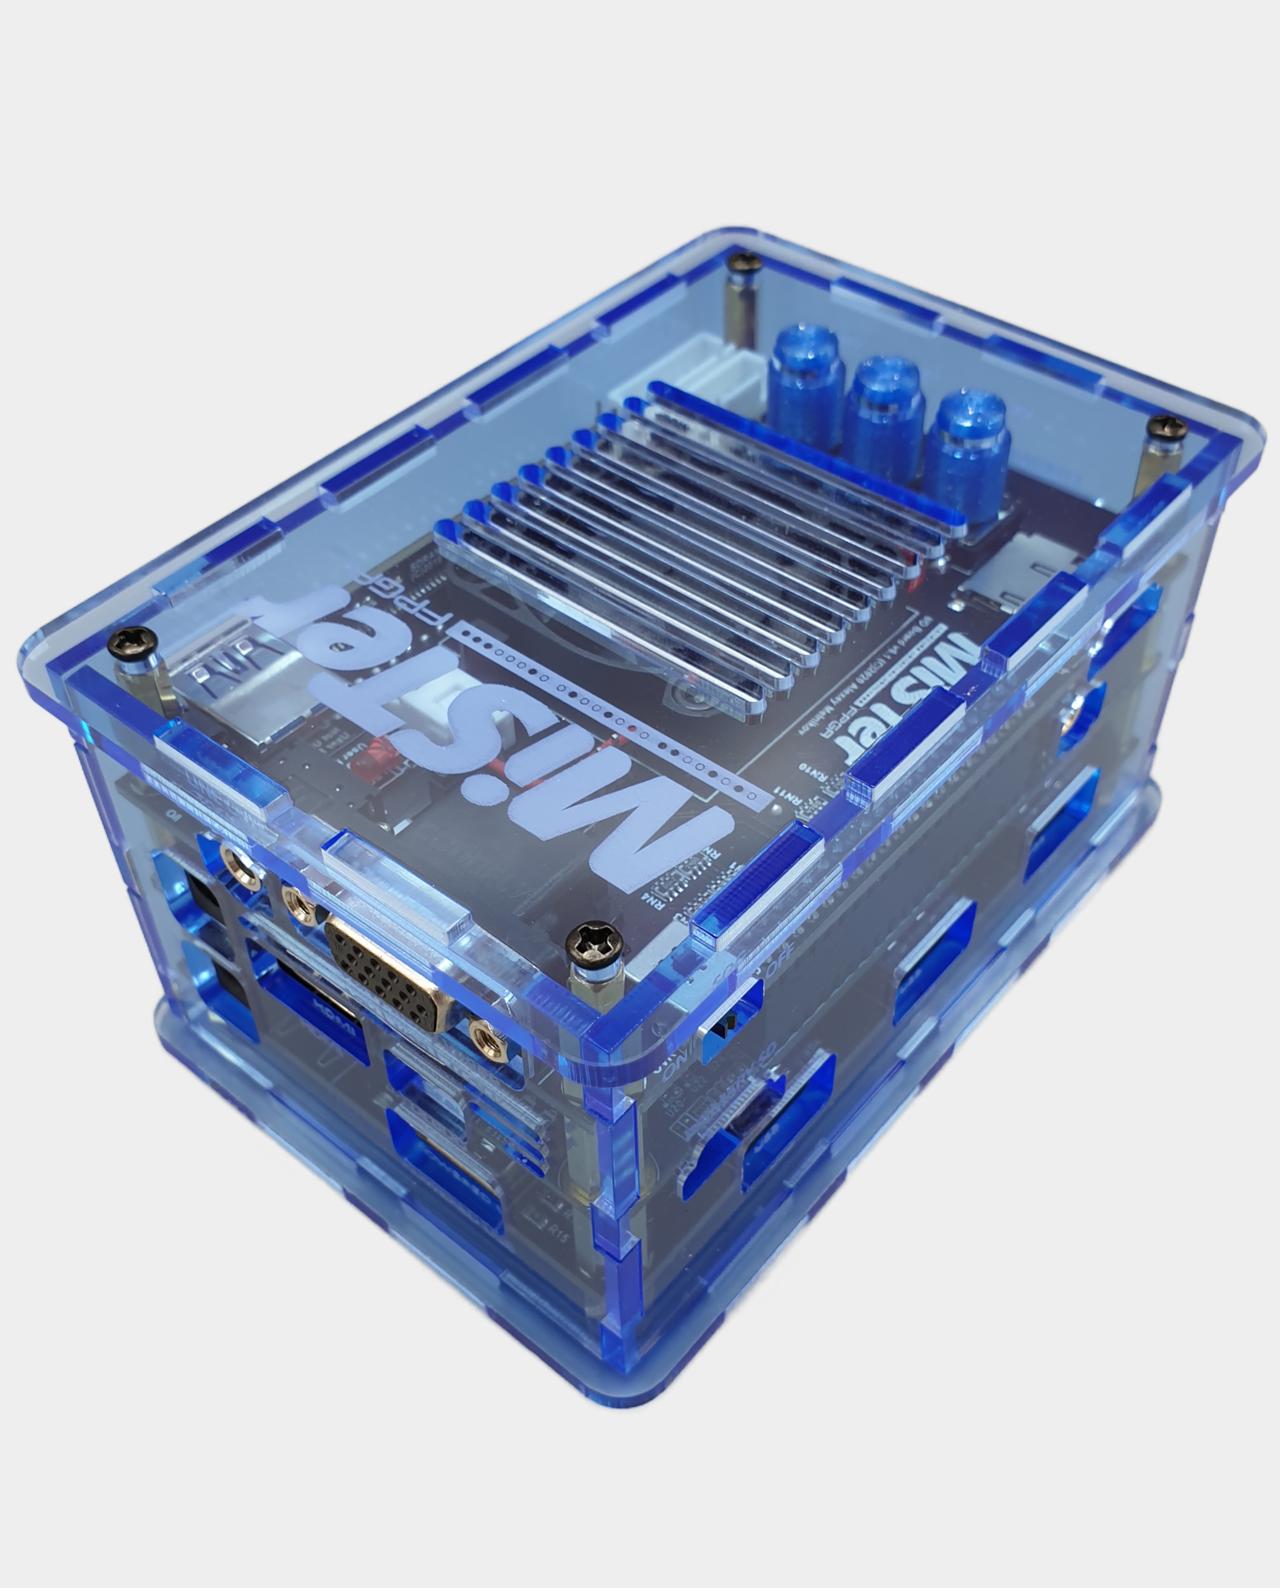 Case For MiSTer FPGA